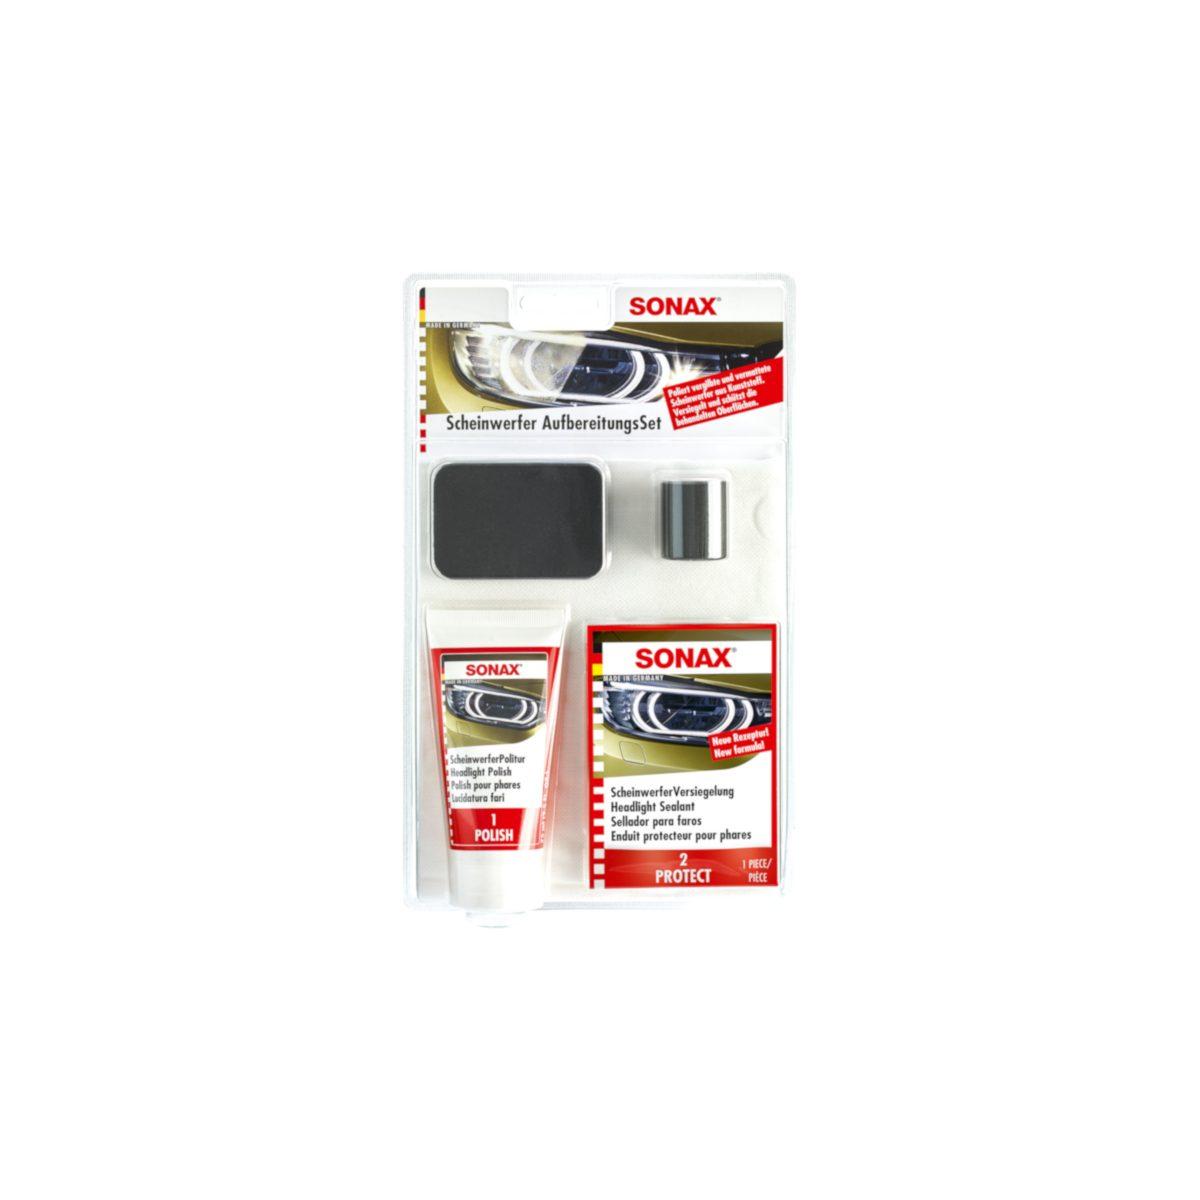 Sonax Scheinwerfer Aufbereitungsset Fahrzeugshine Scheinwerfer aufbereiten